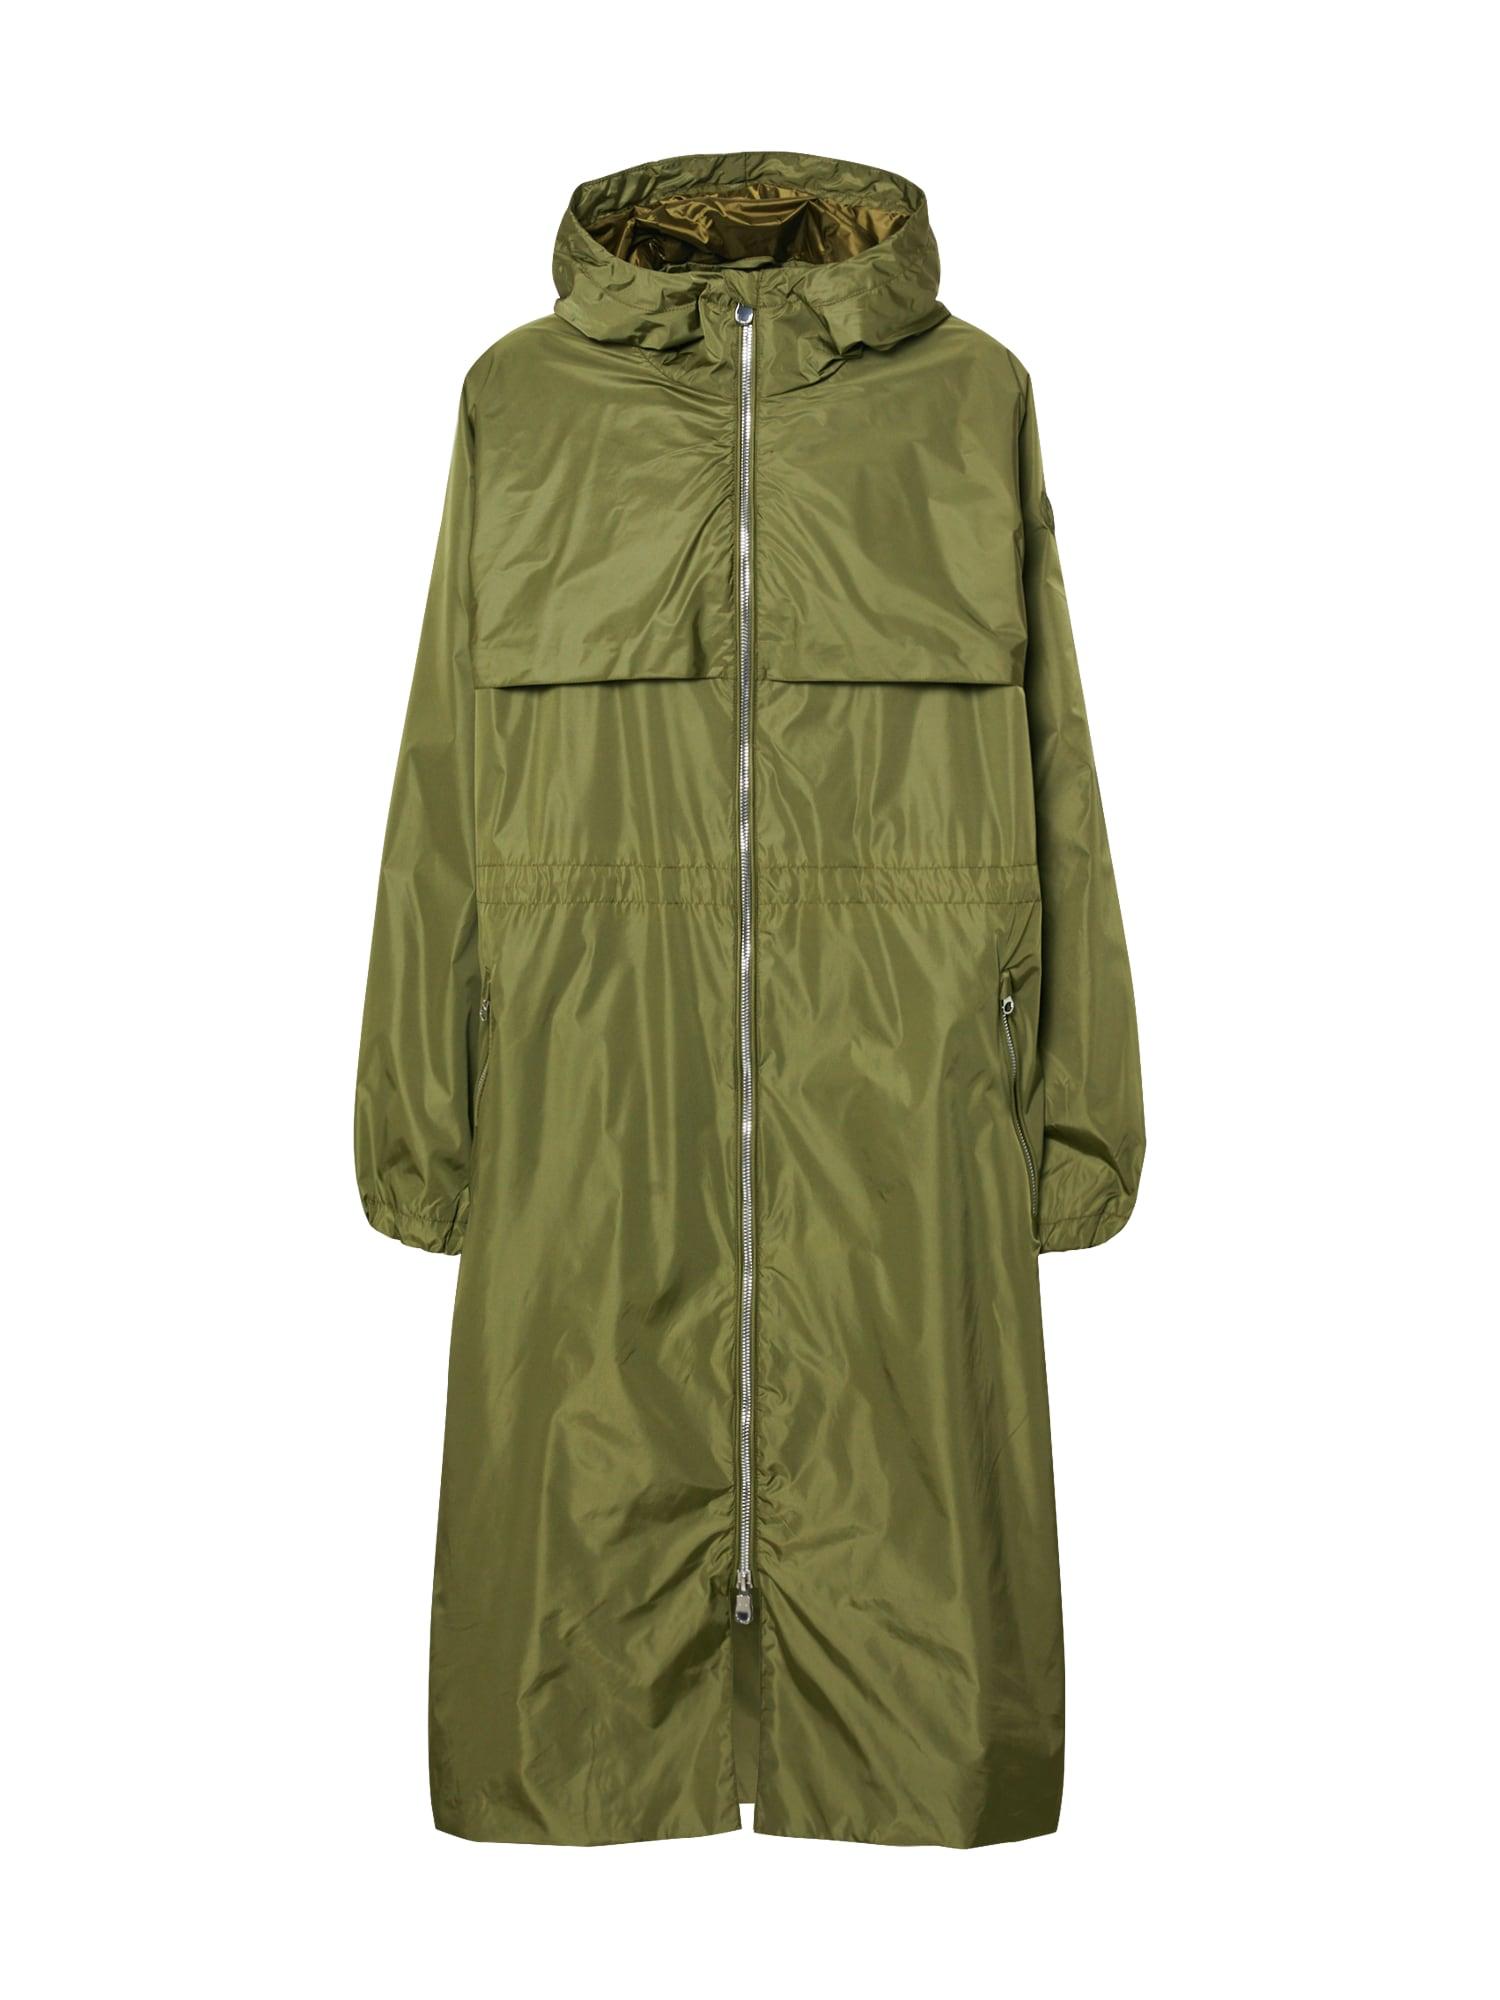 SAVE THE DUCK Rudeninis-žieminis paltas 'GIUBBOTTO CAPPUCCIO' tamsiai žalia